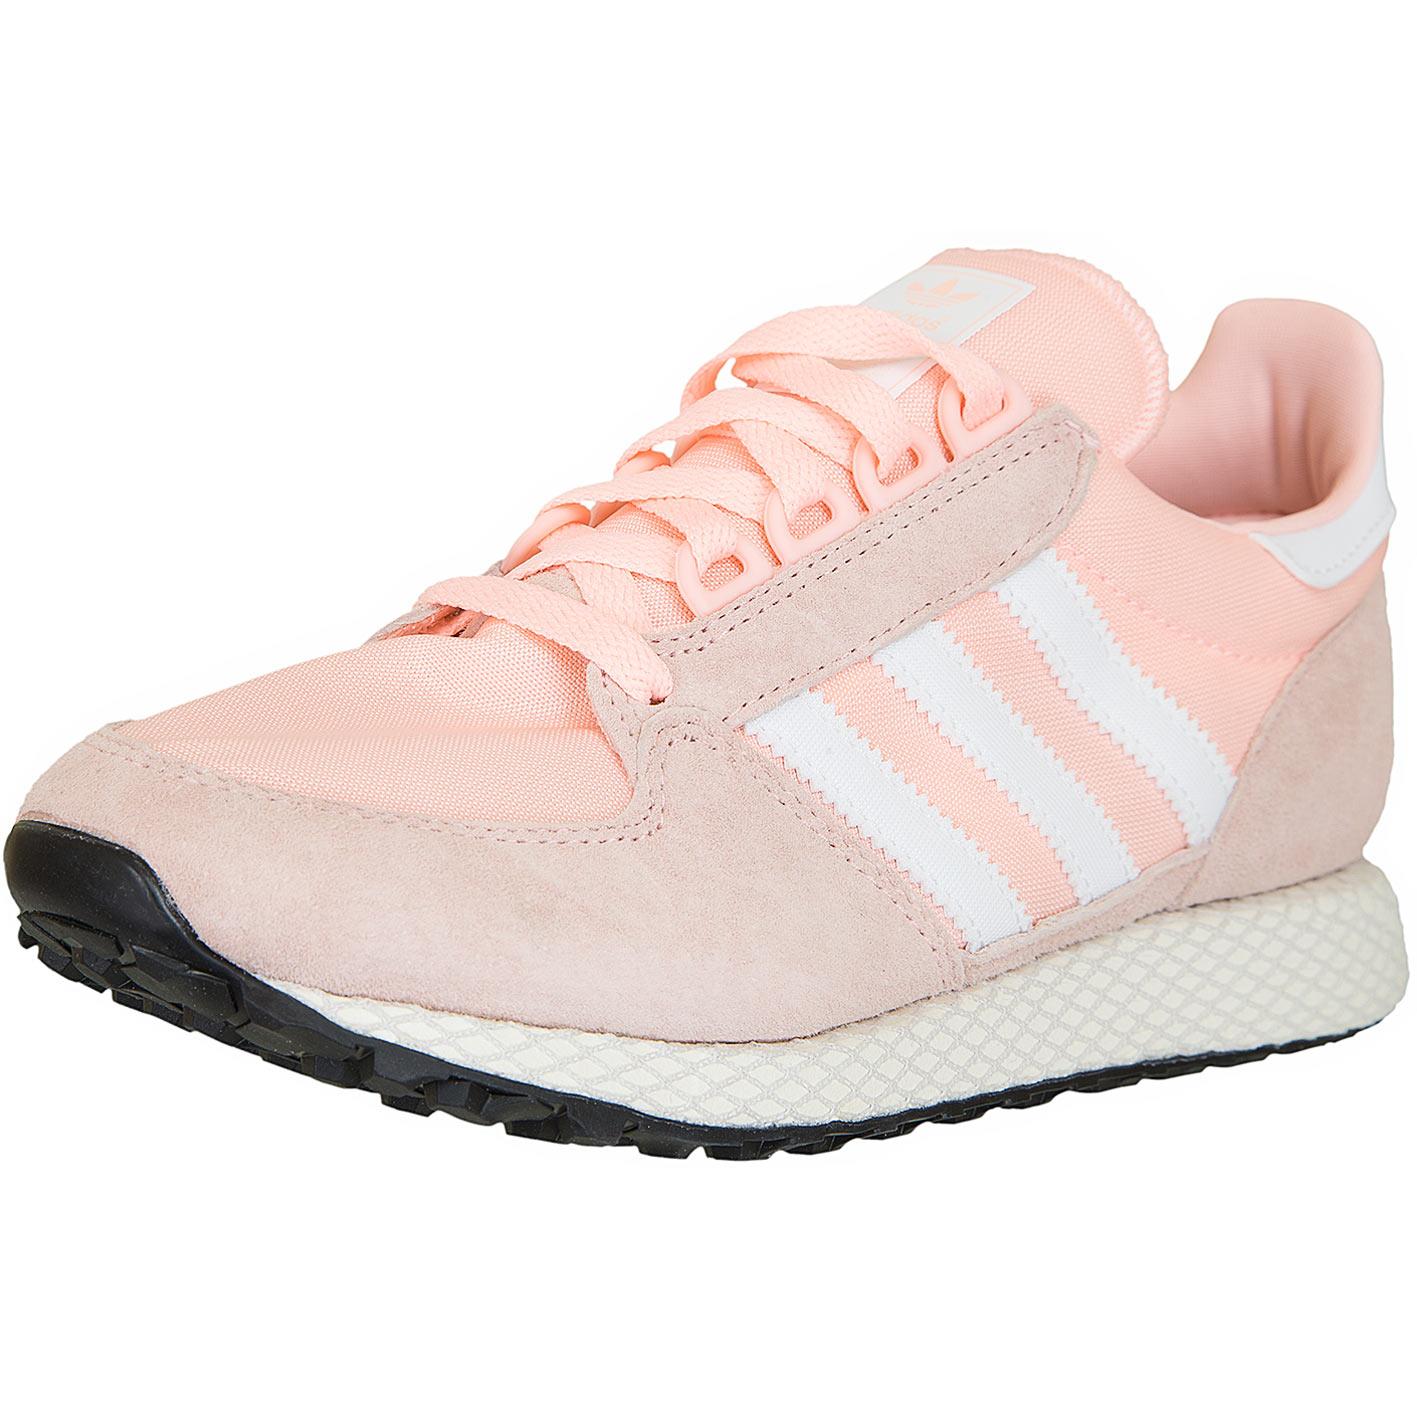 huge selection of 04515 1c2ee Adidas Originals Damen Sneaker Forest Grove rosa weiß